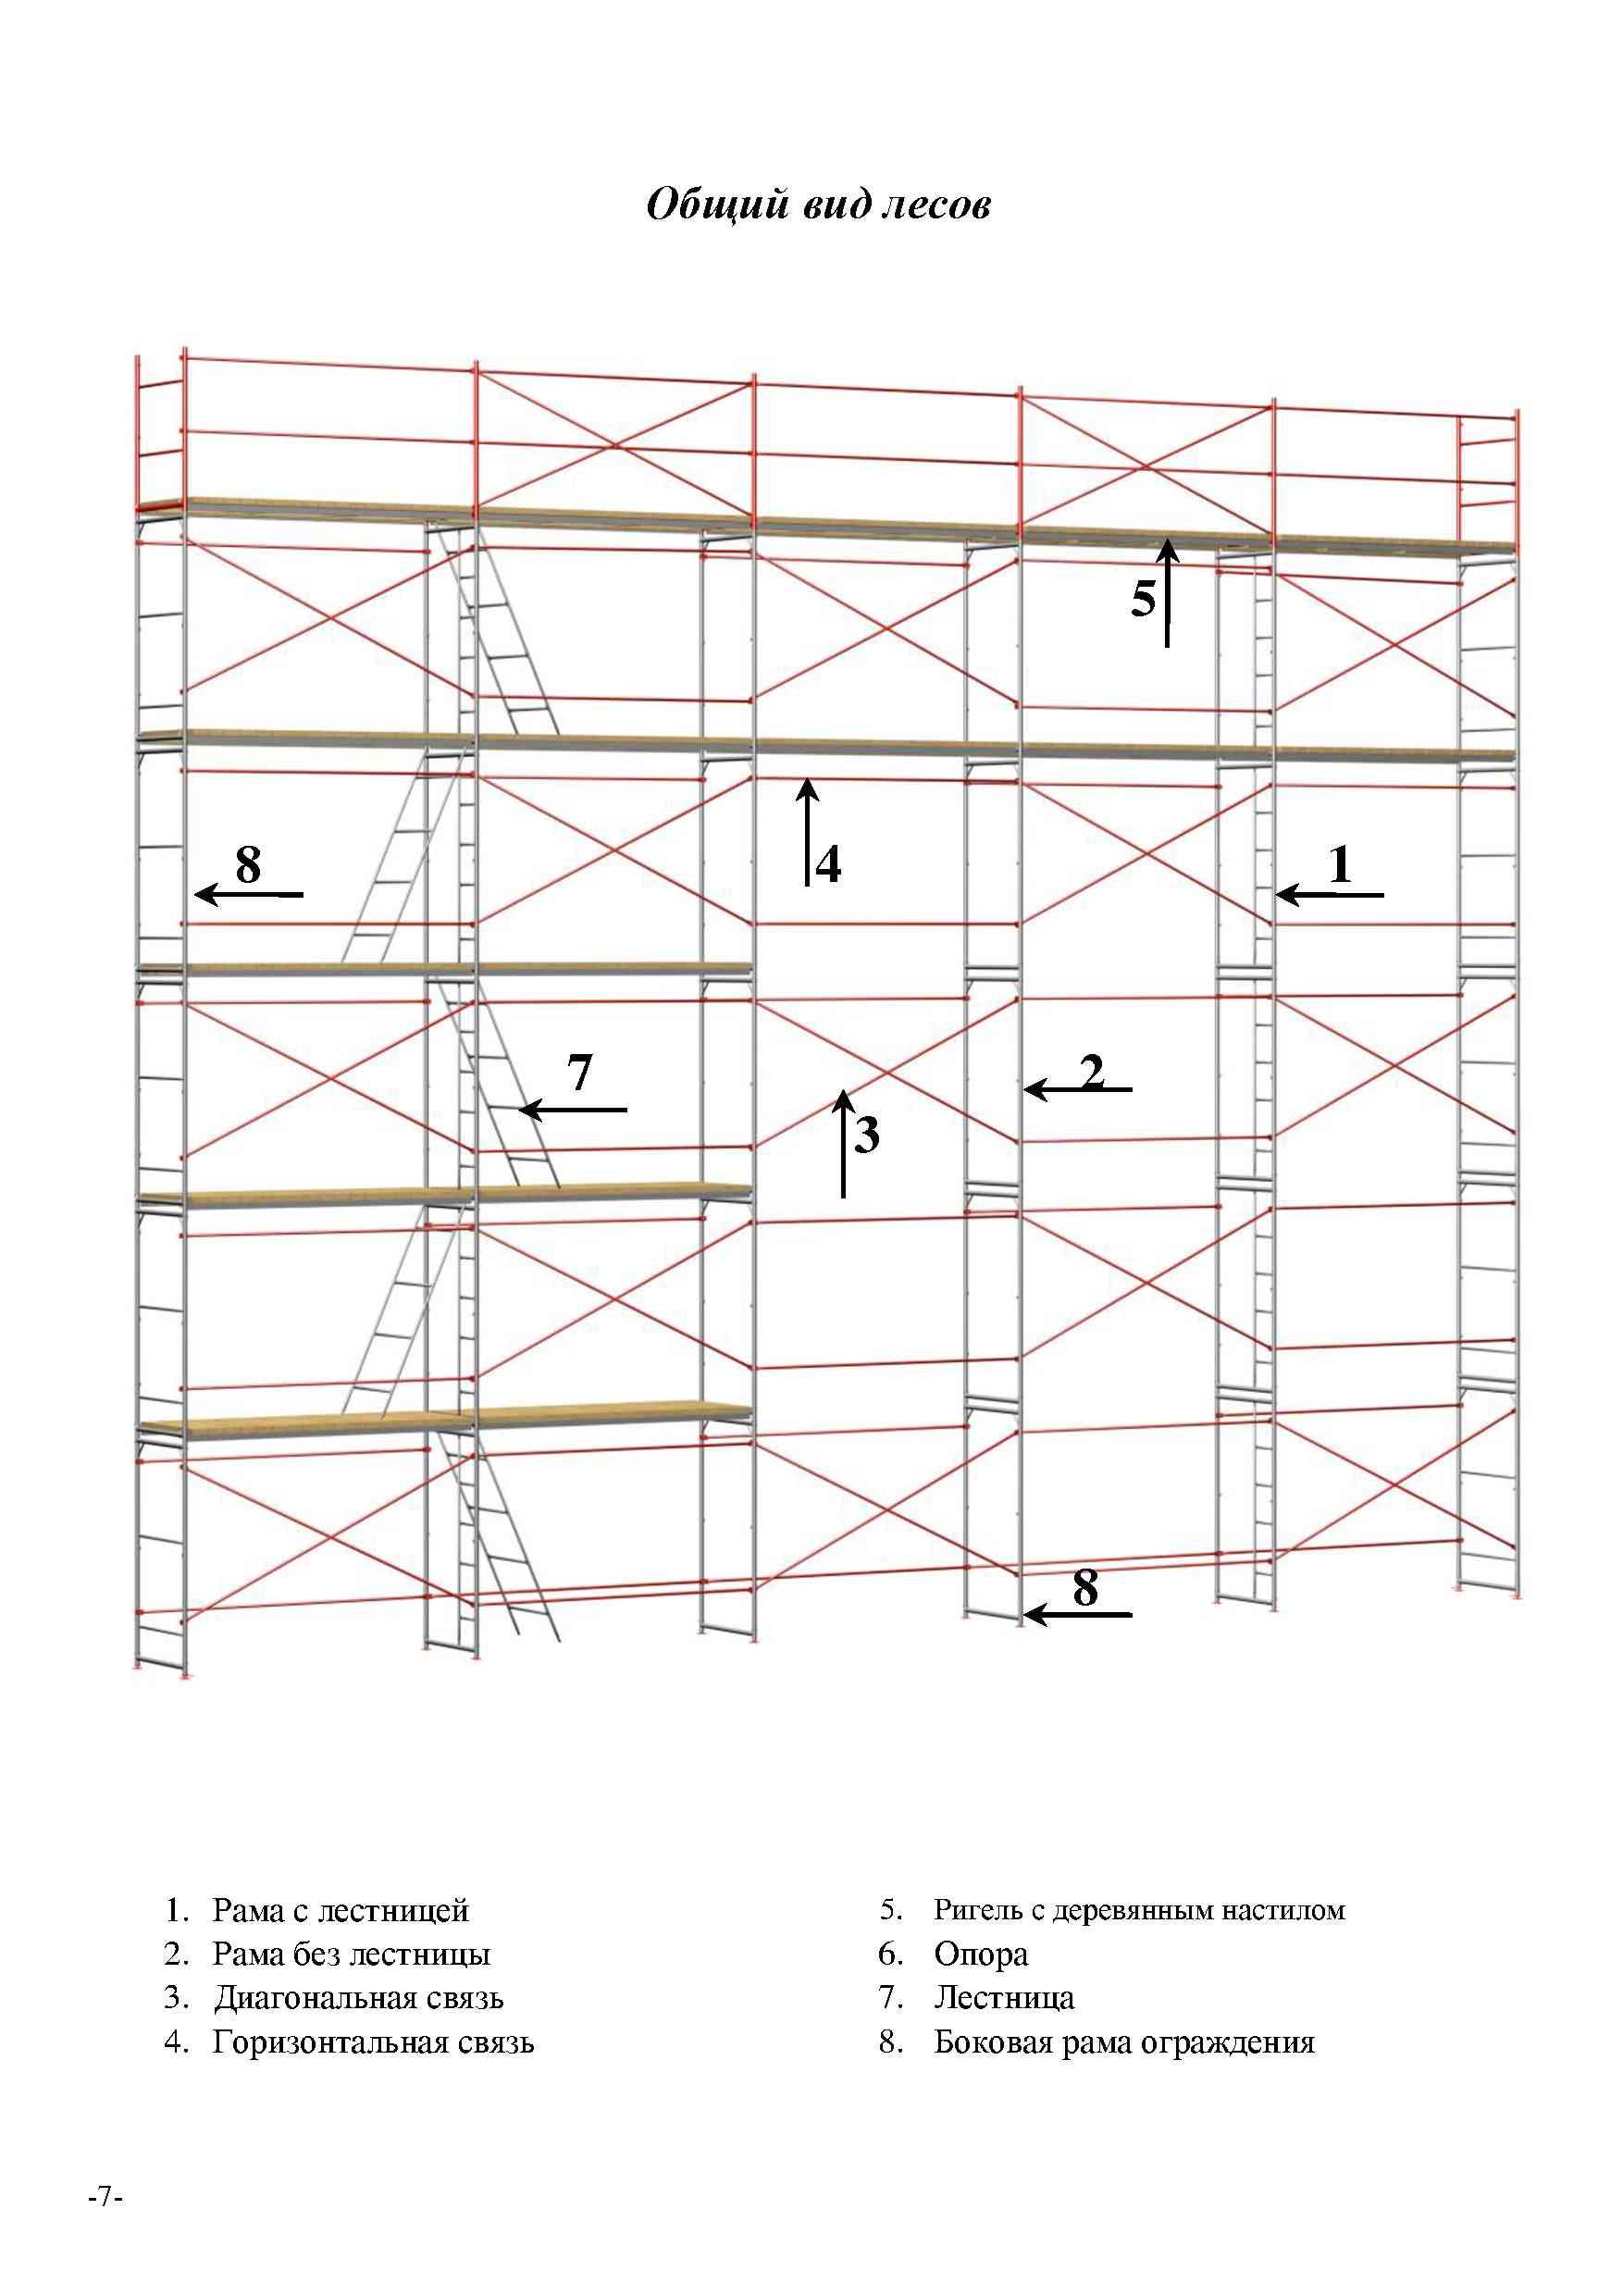 Леса строительные рамные схема сборки